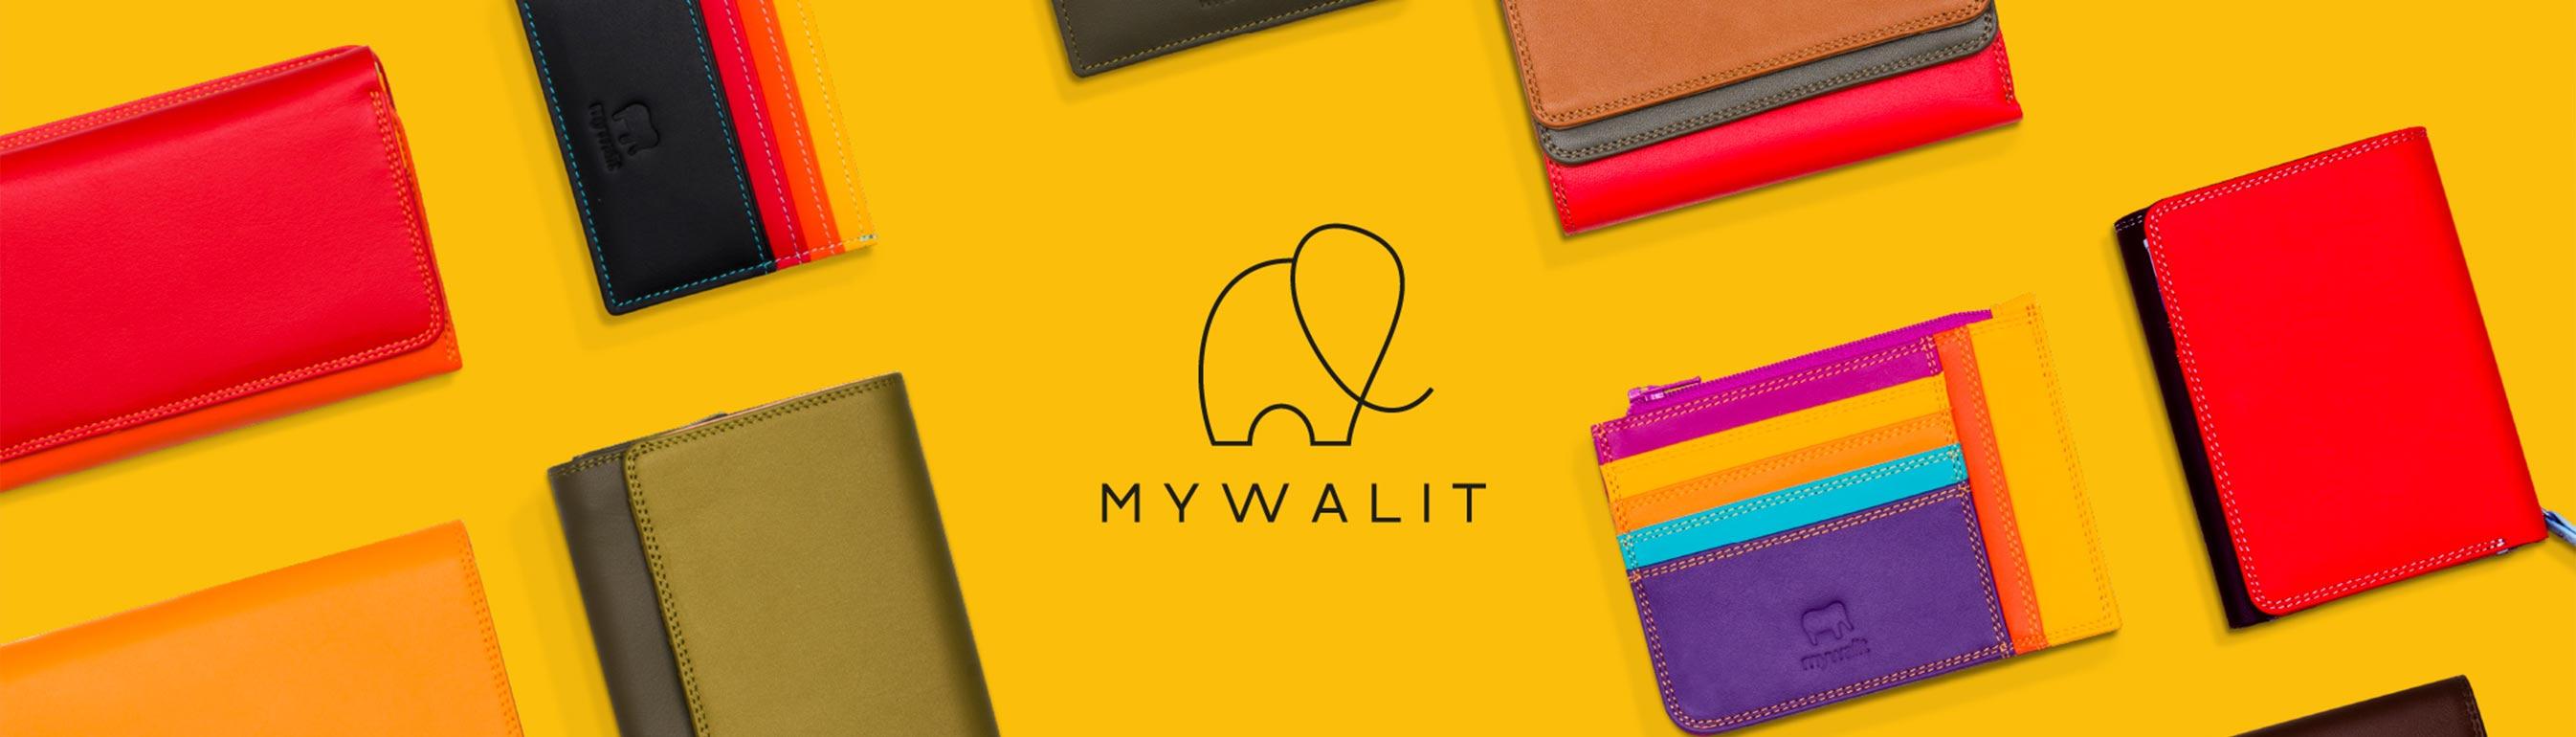 Mywalit Günstig Kaufen Geldbörsen Und Taschen EDWH29IY